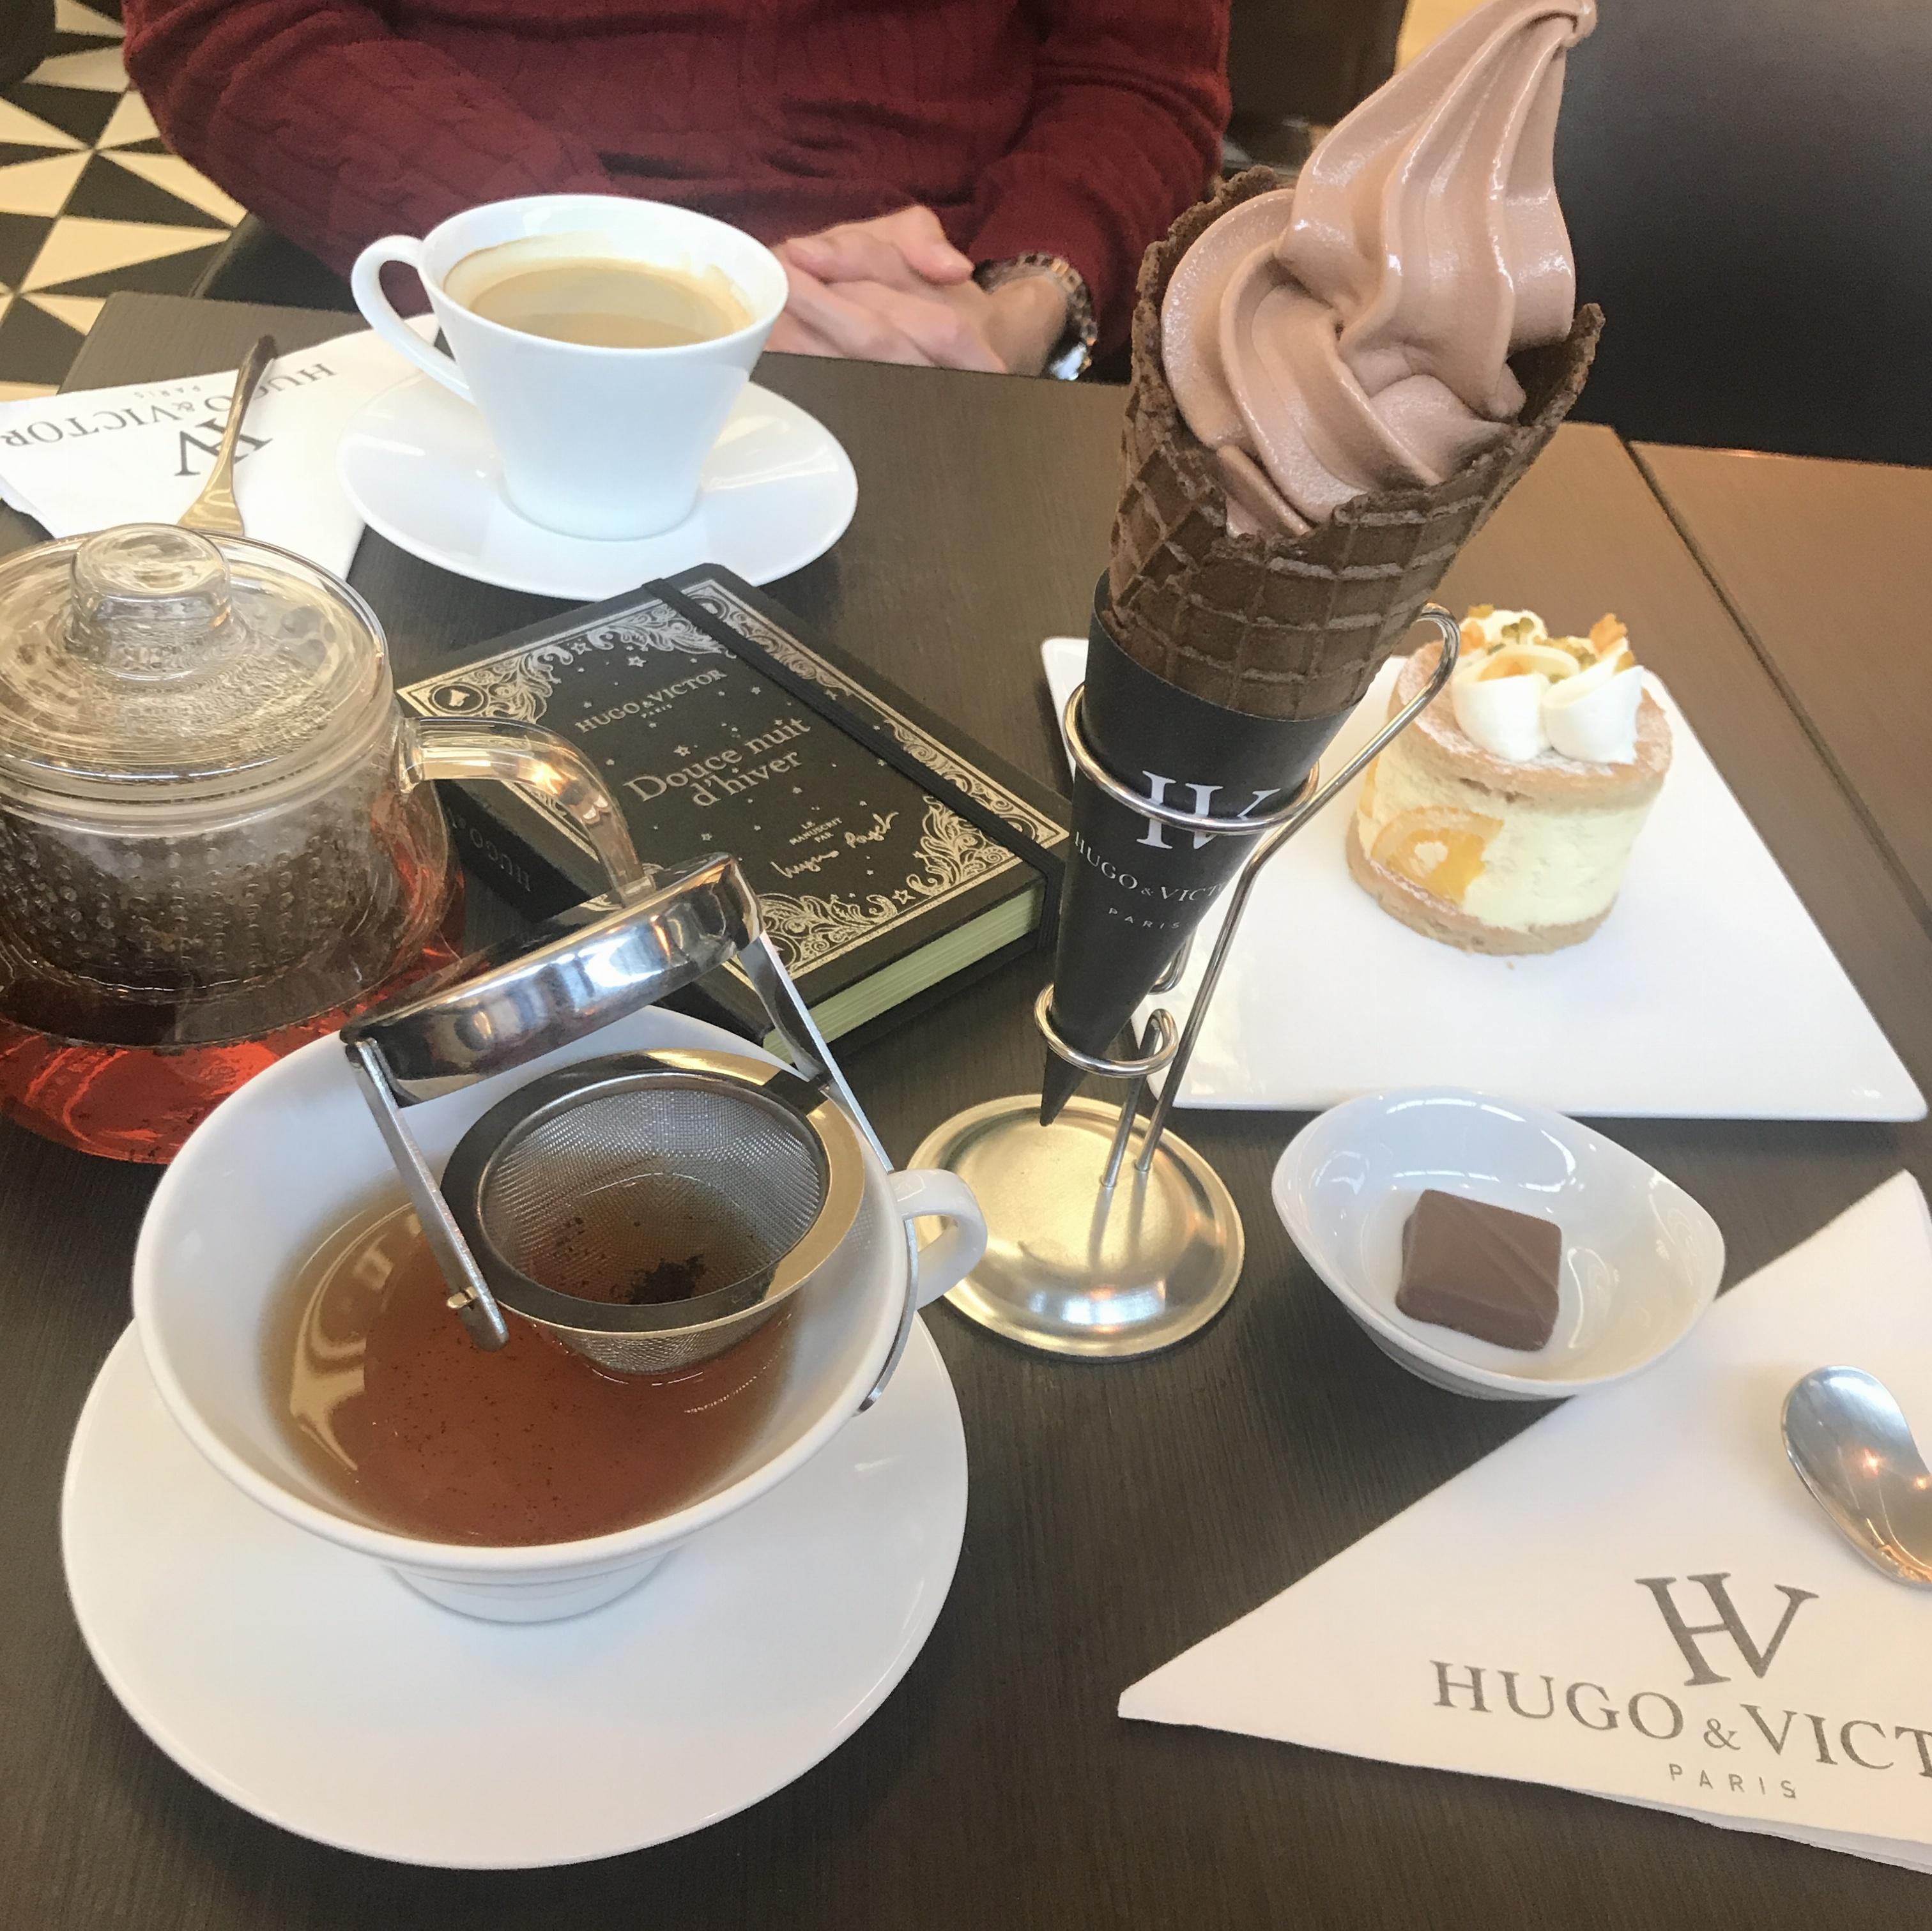 【Hugo & Victor】チョコレートショップ and カフェ in表参道ヒルズ_1